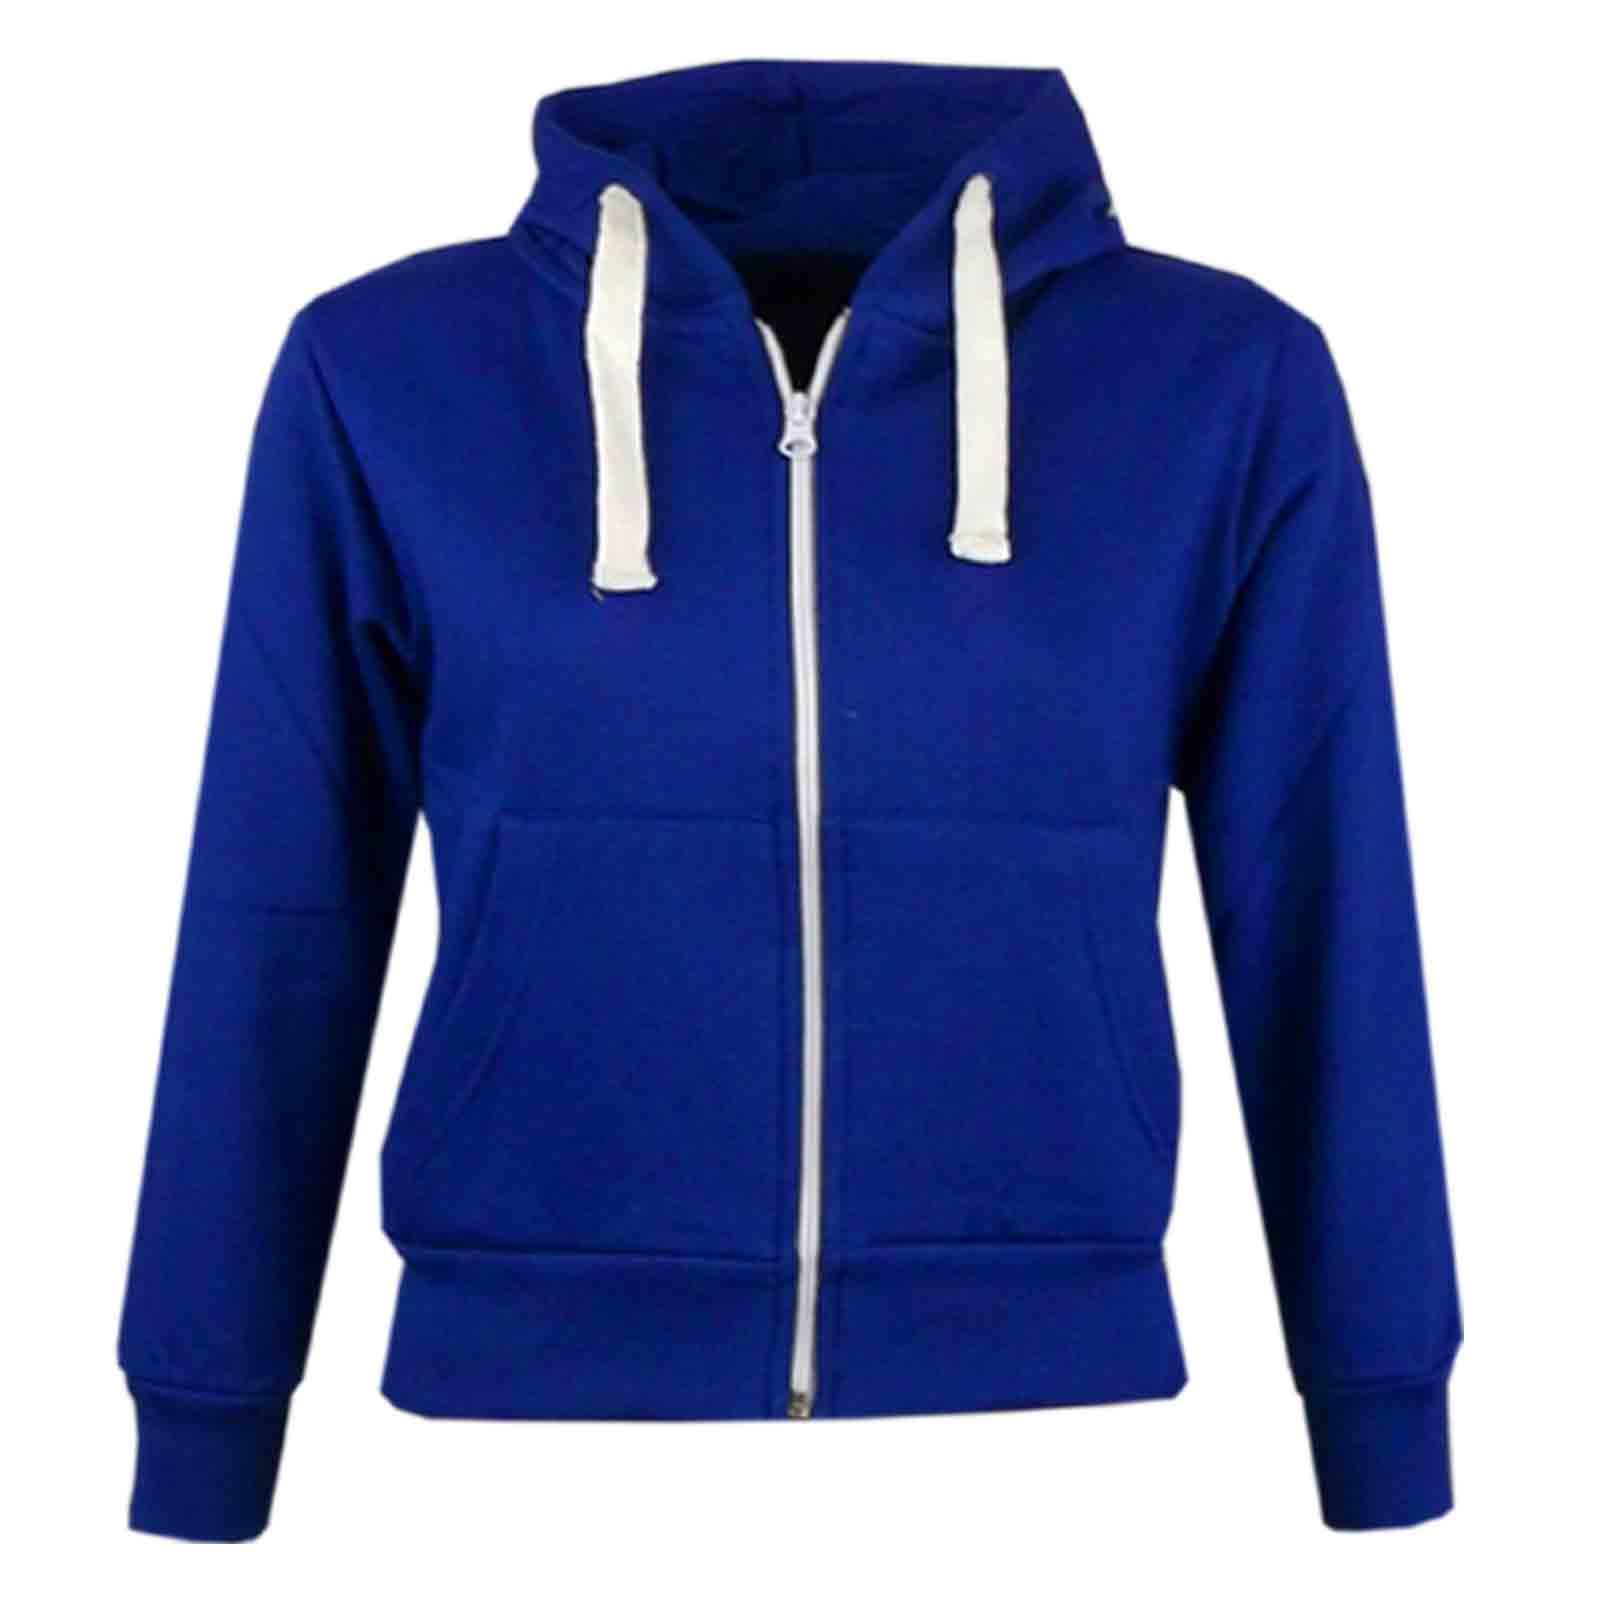 Kids zip up hoodies